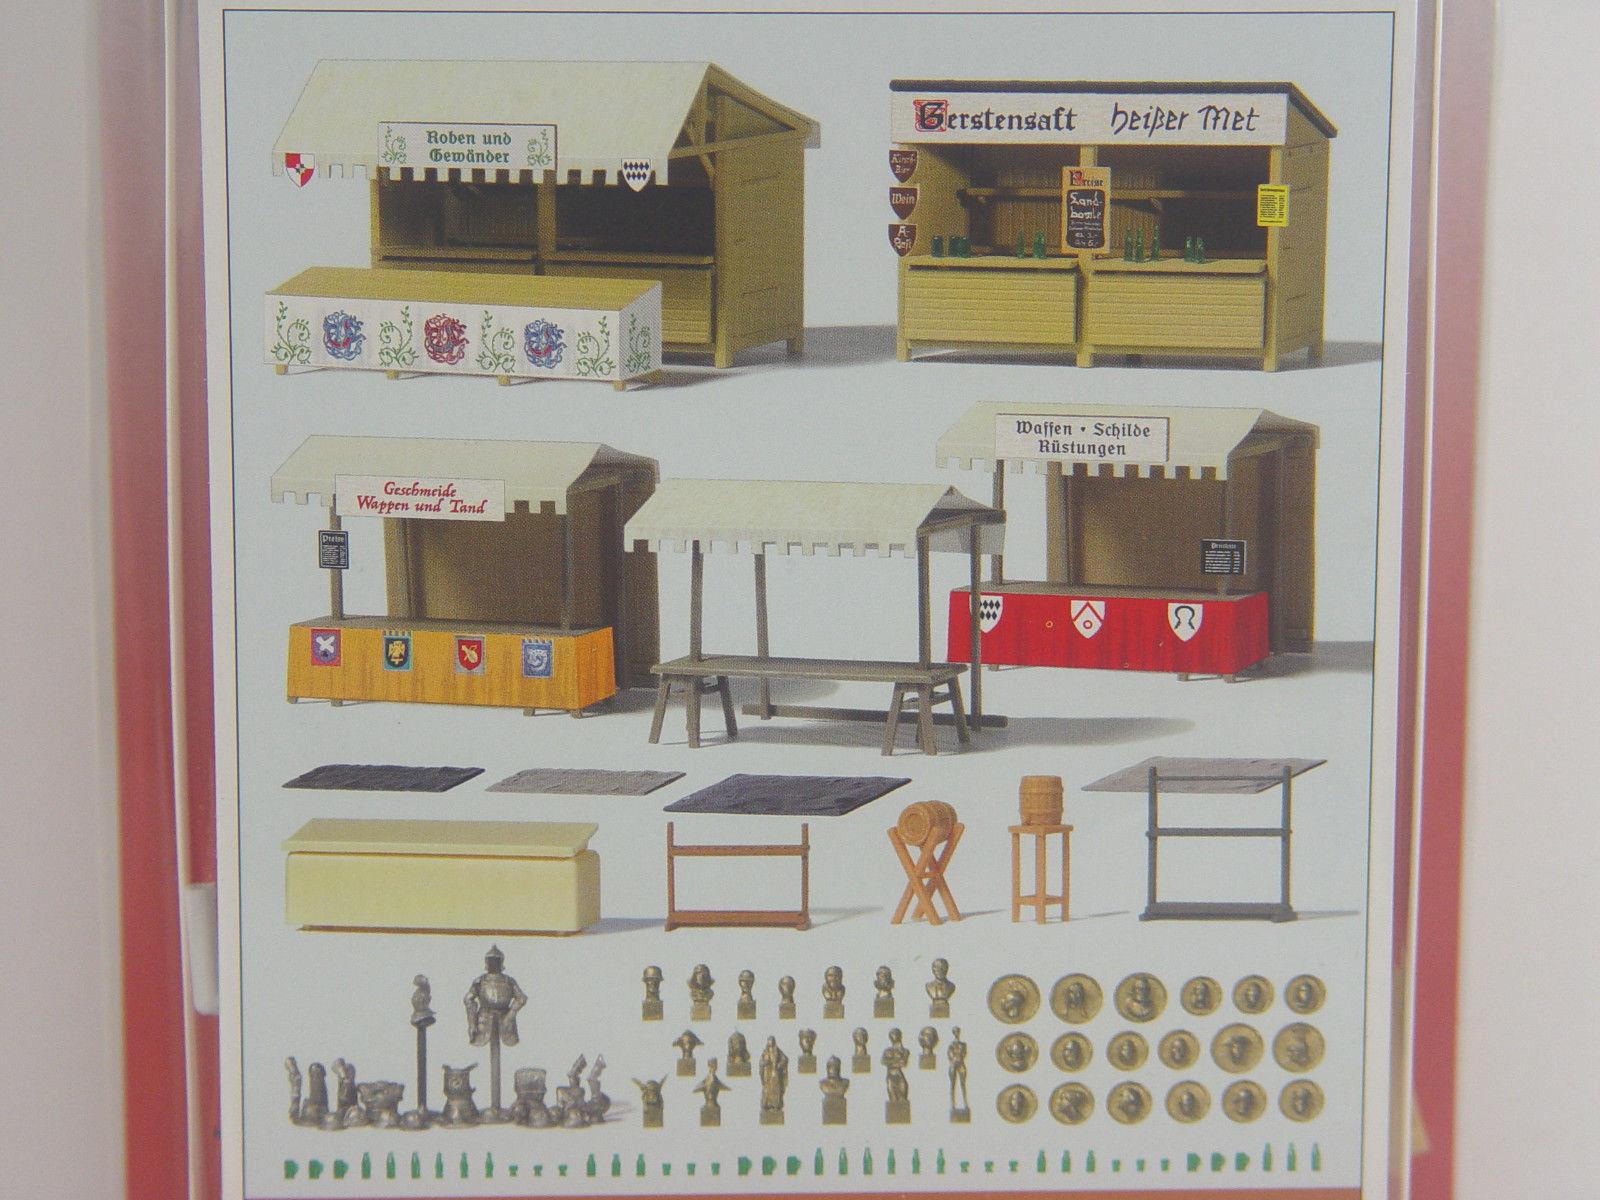 Medioevo mercato STAND U. ACCESSORI Preiser HO KIT 1:87 - 17216   E